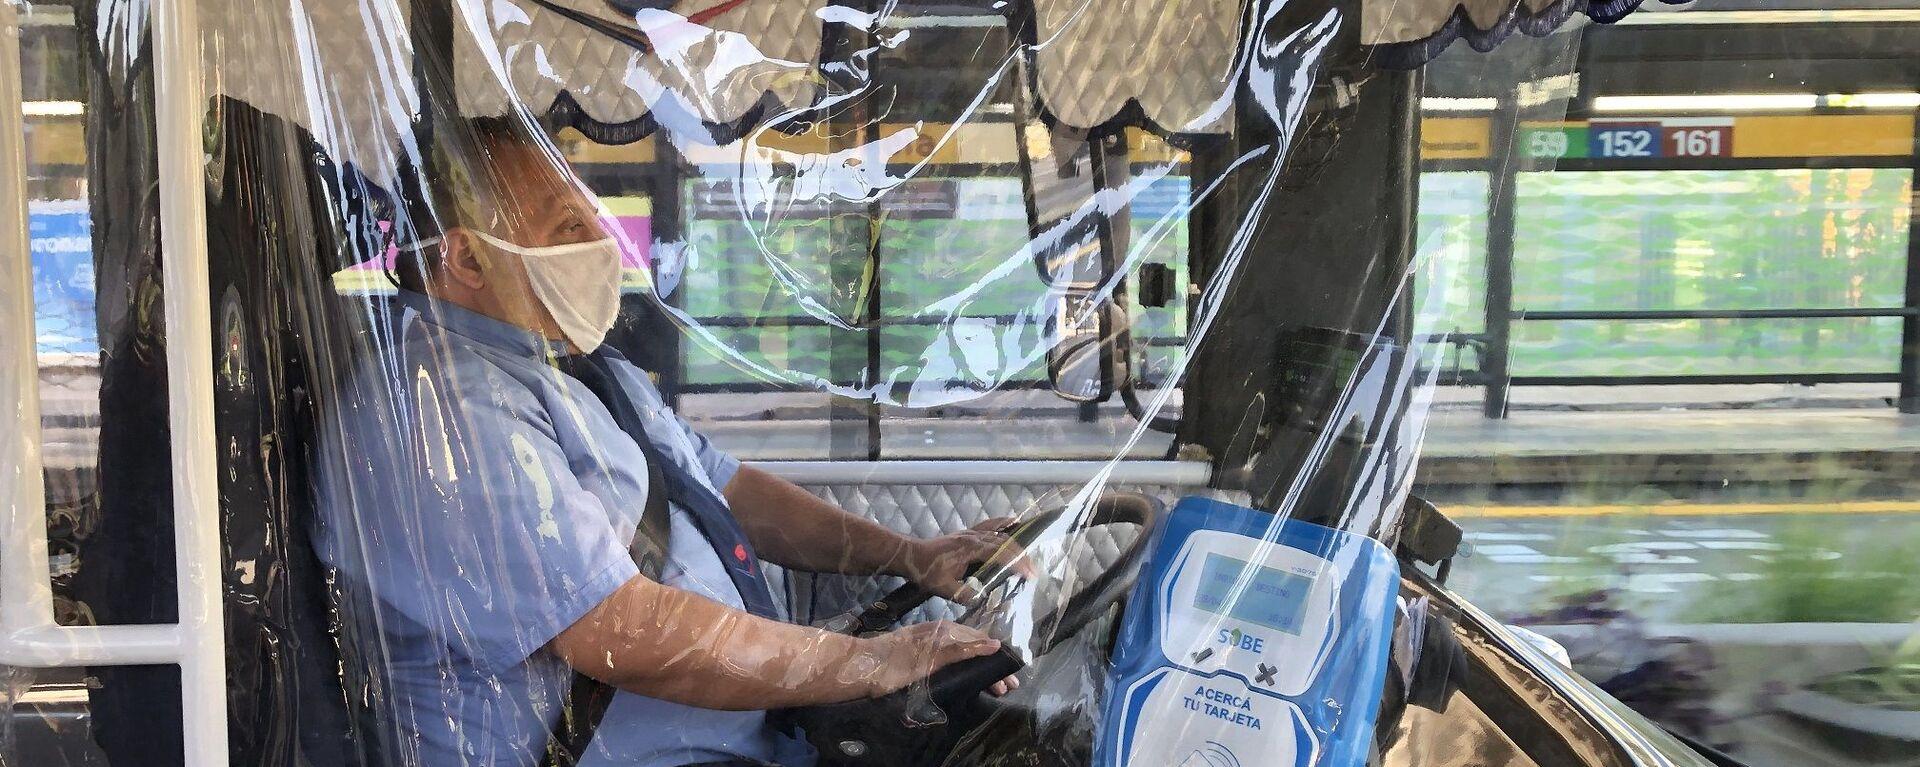 Conductor de autobús en Buenos Aires, Argentina - Sputnik Mundo, 1920, 31.05.2021